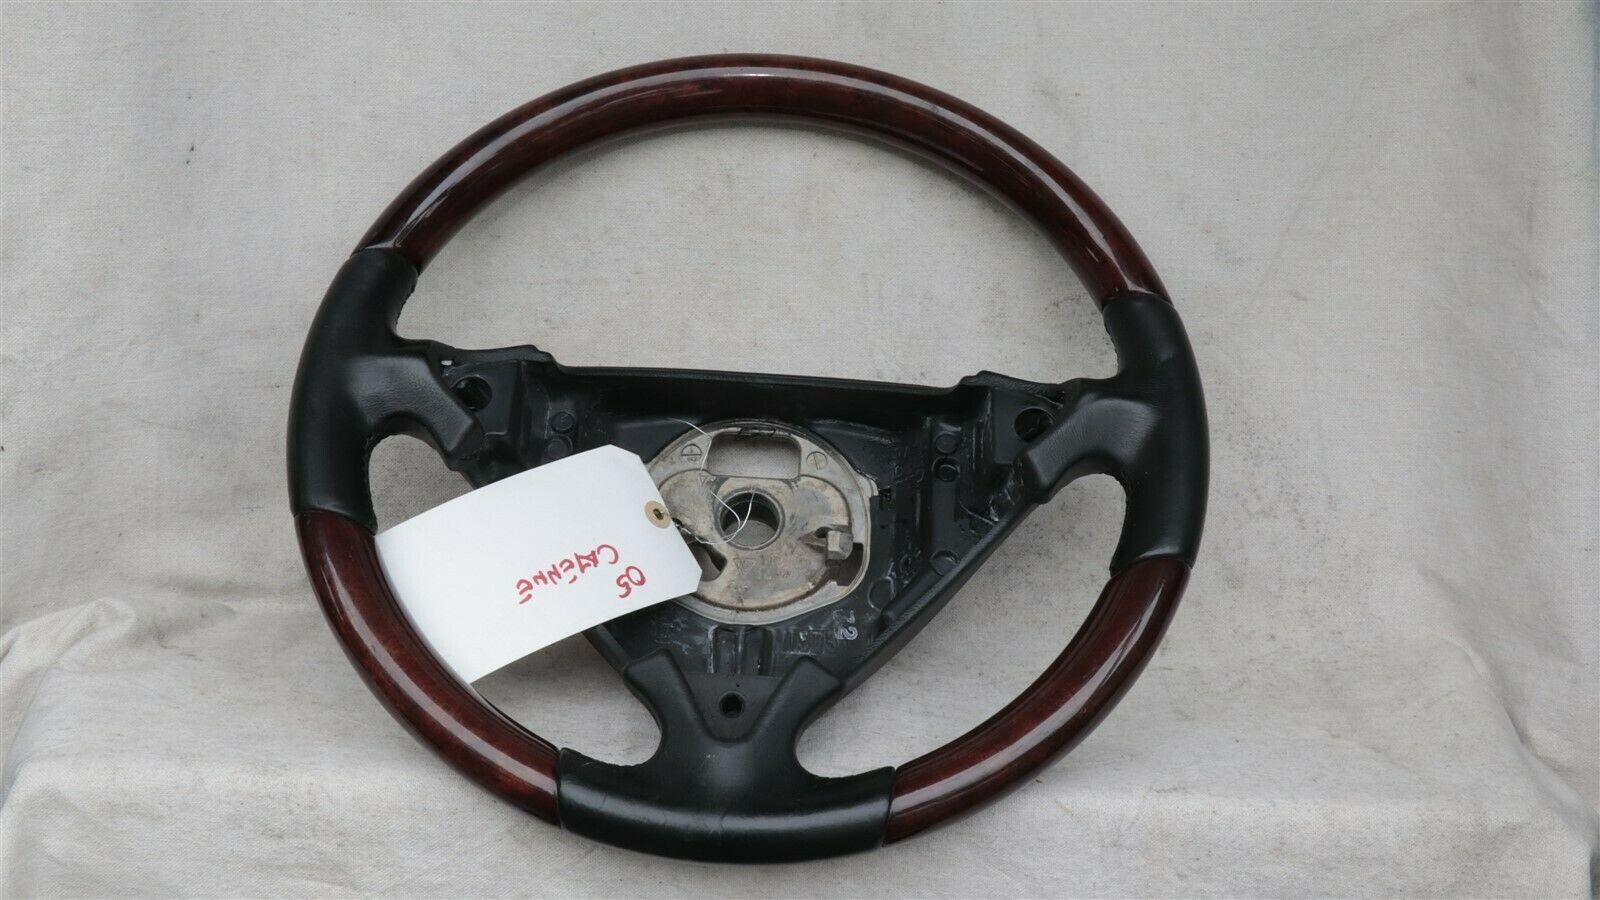 03-06 Porsche Cayenne 955 Wood/ Blk Leather 3 Spoke Steering Wheel 7L5419091